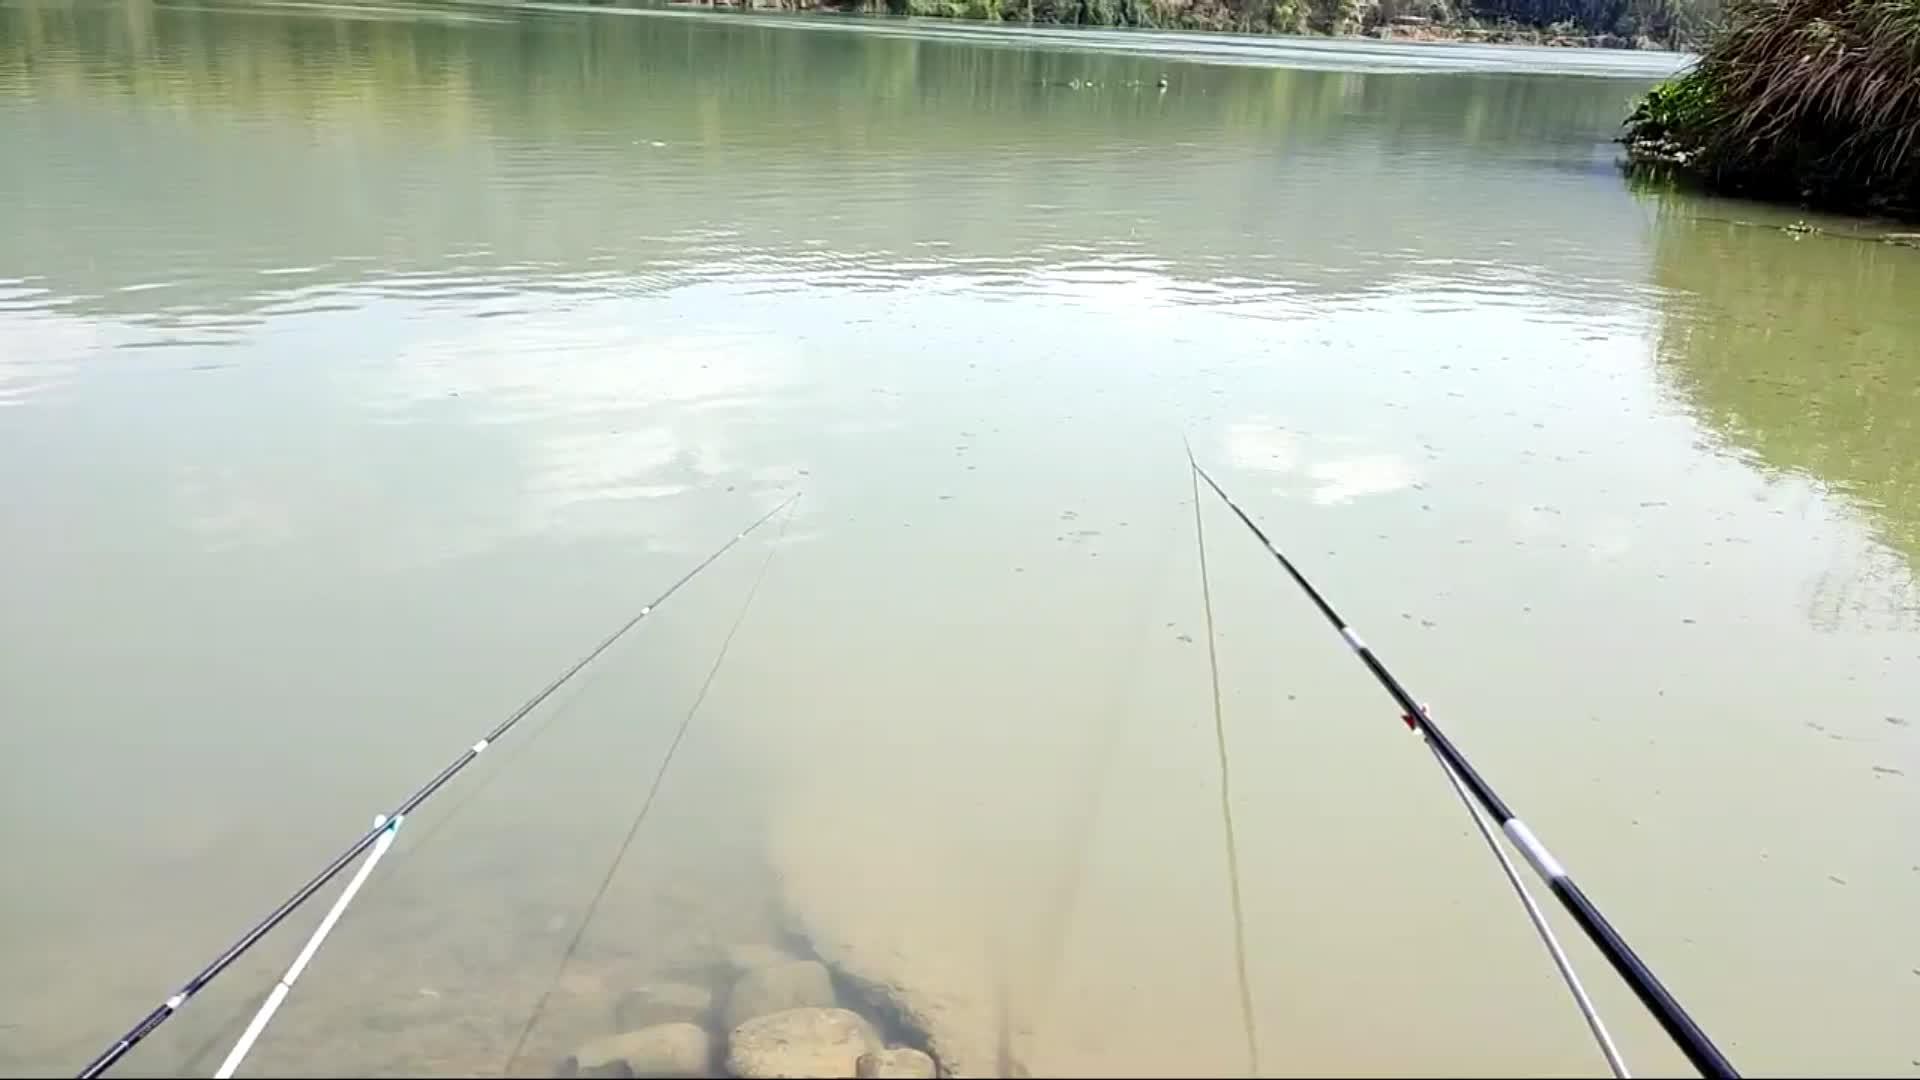 7.3米的杆上的鱼,线声杆声好听